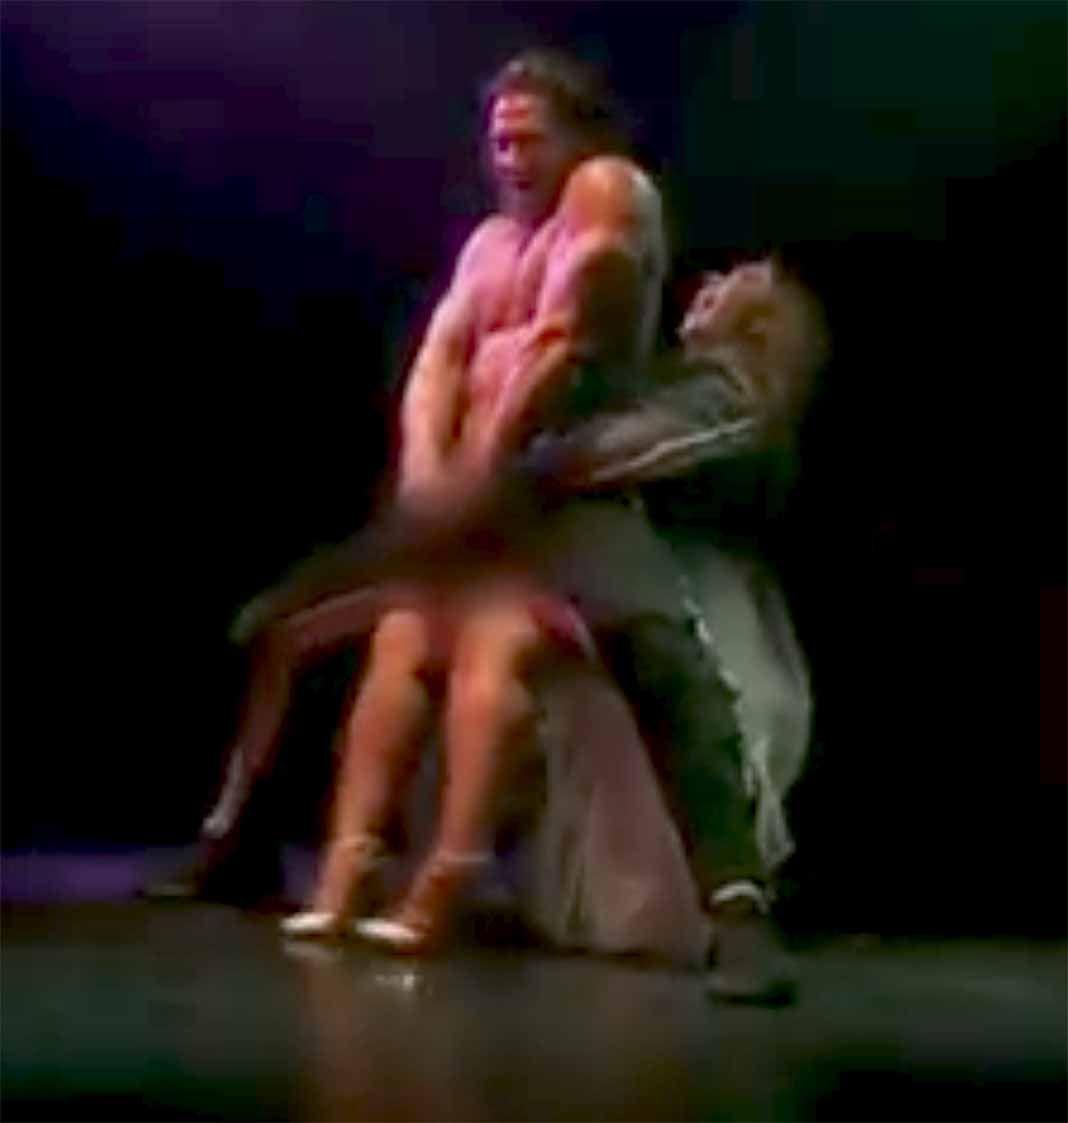 Chiquis jura no haberle tocado su miembro al stripper al meter sus manos en su pantalón